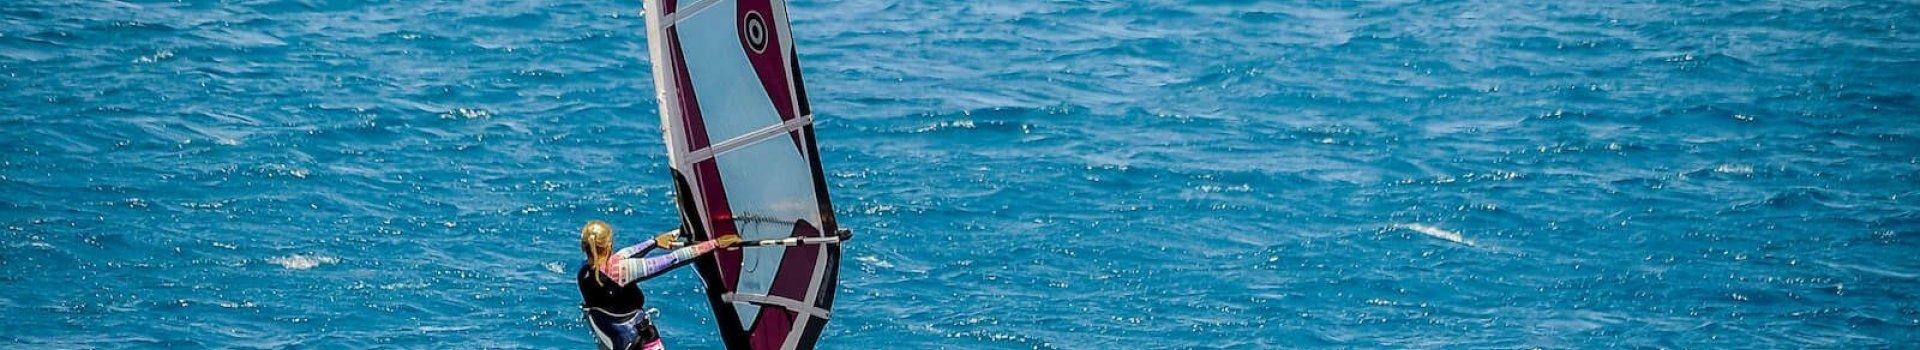 Jak serwisować sprzęt do windsurfingu?